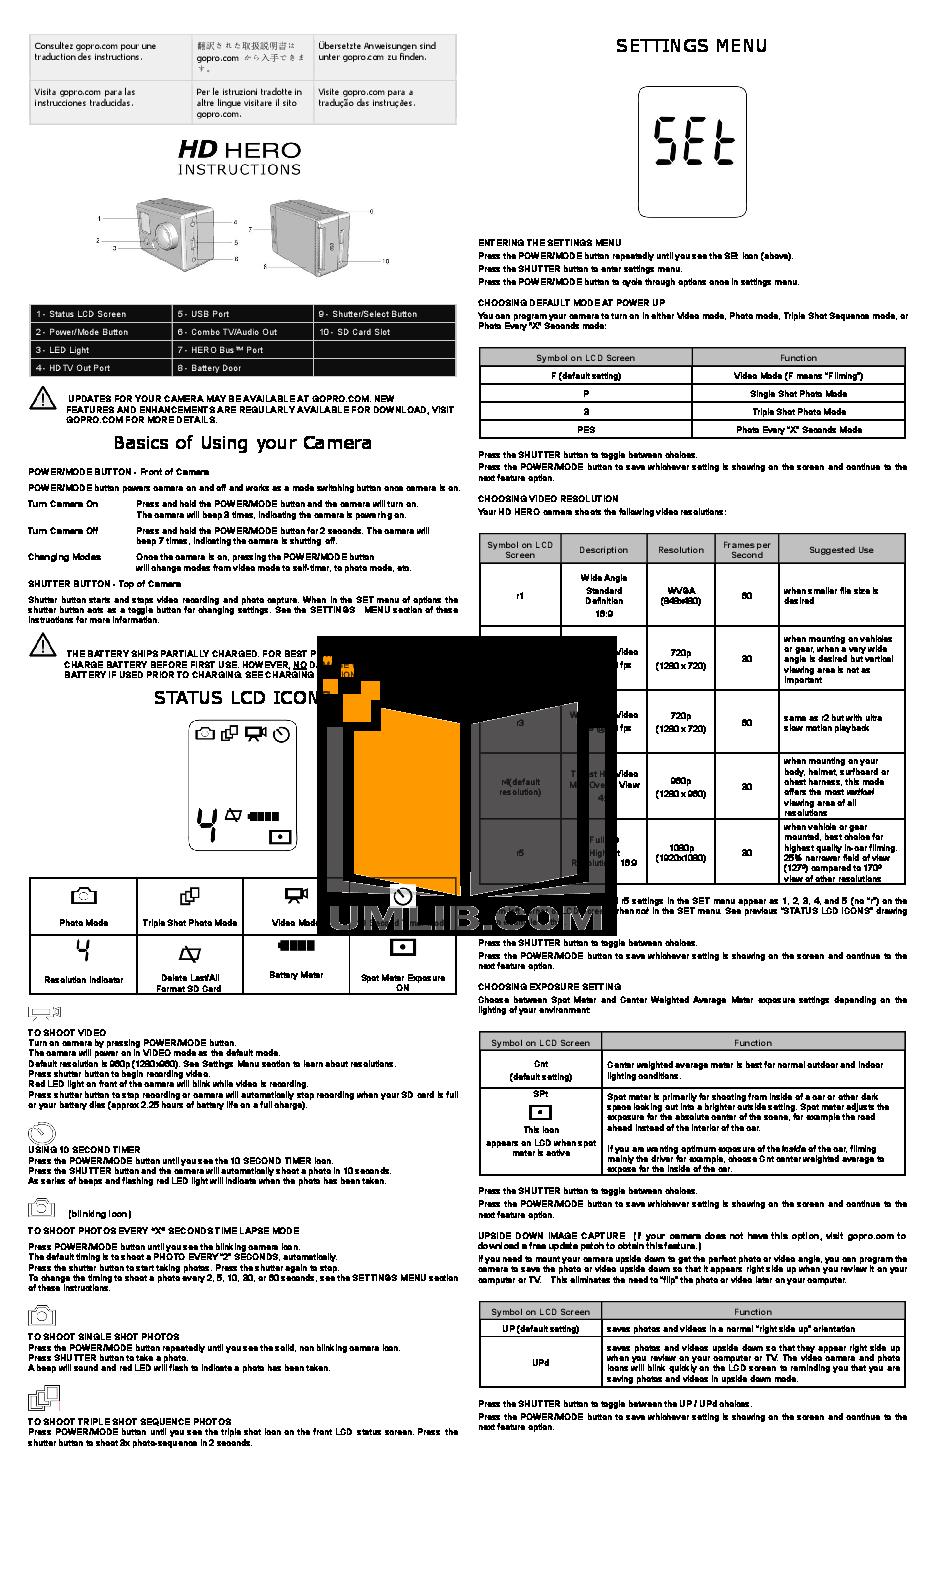 download free pdf for gopro hd hero naked camcorders manual rh umlib com hero 960 user manual hd hero 960 manual pdf